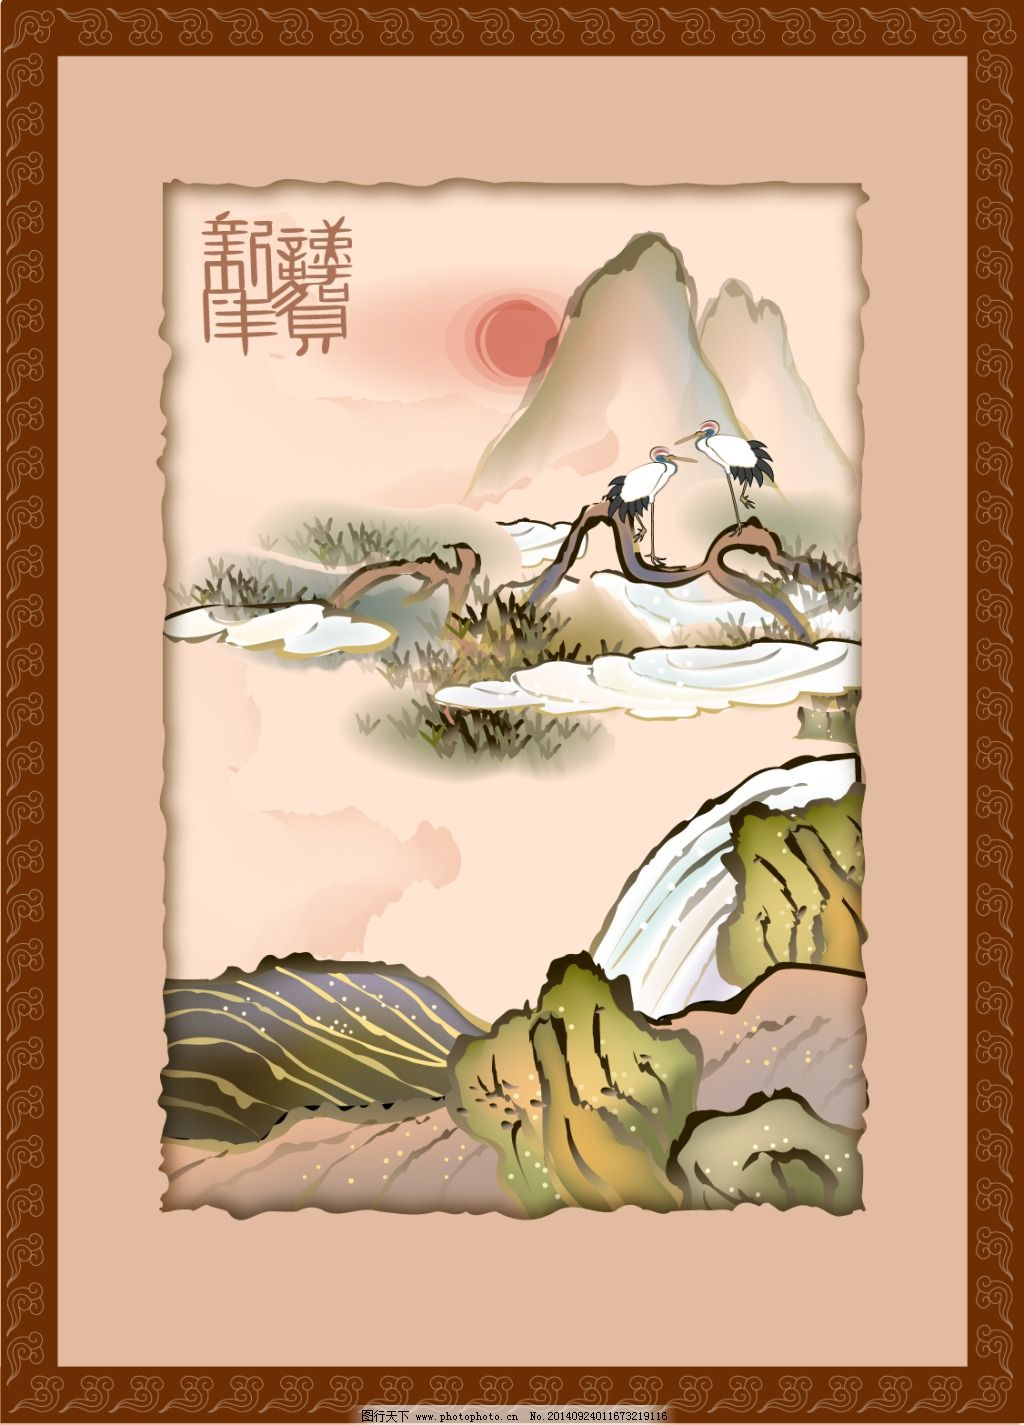 国画艺术免费下载 古典 国画树木 国画艺术 绘画书法 书法题字免费